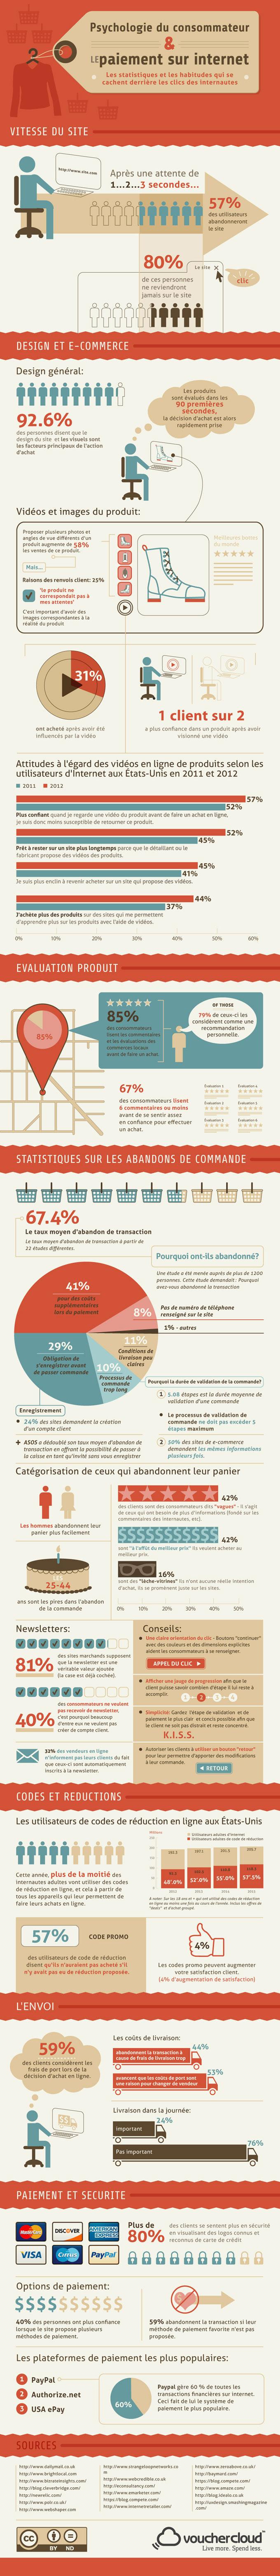 infographie statistiques 2014 ecommerce et e-acheteur